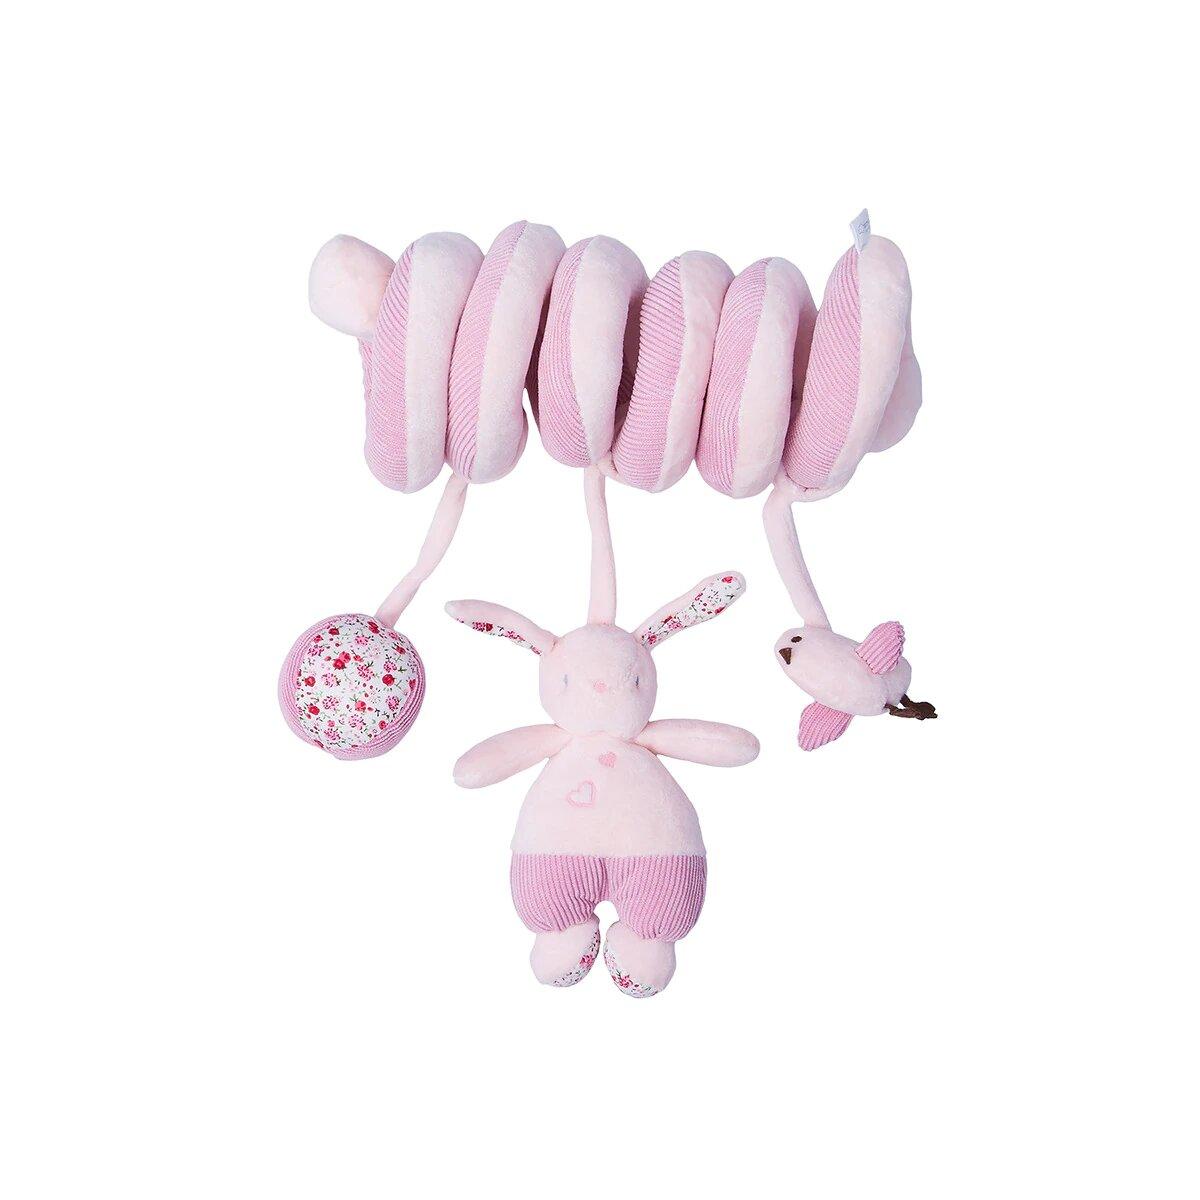 Ristra de muñecos Cotton Juice Baby Home Conejo rosa